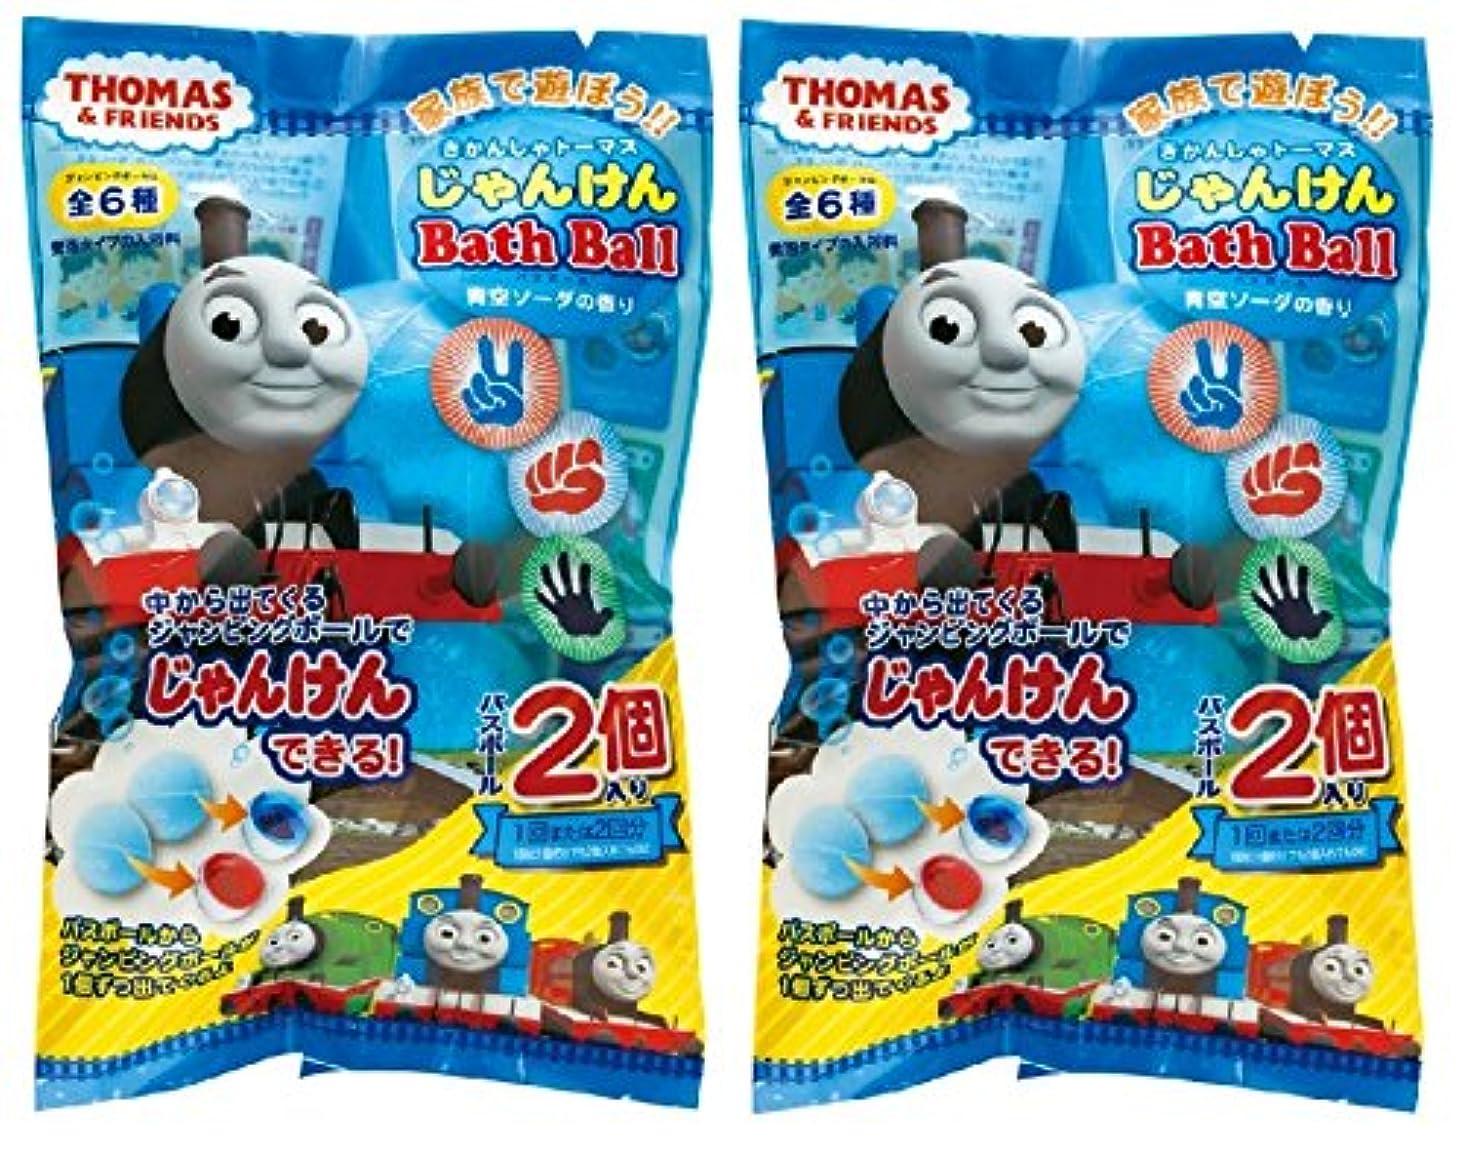 切断する偽造活性化する【2袋セット】きかんしゃトーマス 入浴剤 じゃんけんバスボール 2個入り おまけ付き 青色ソーダの香り OB-TOB-4-1